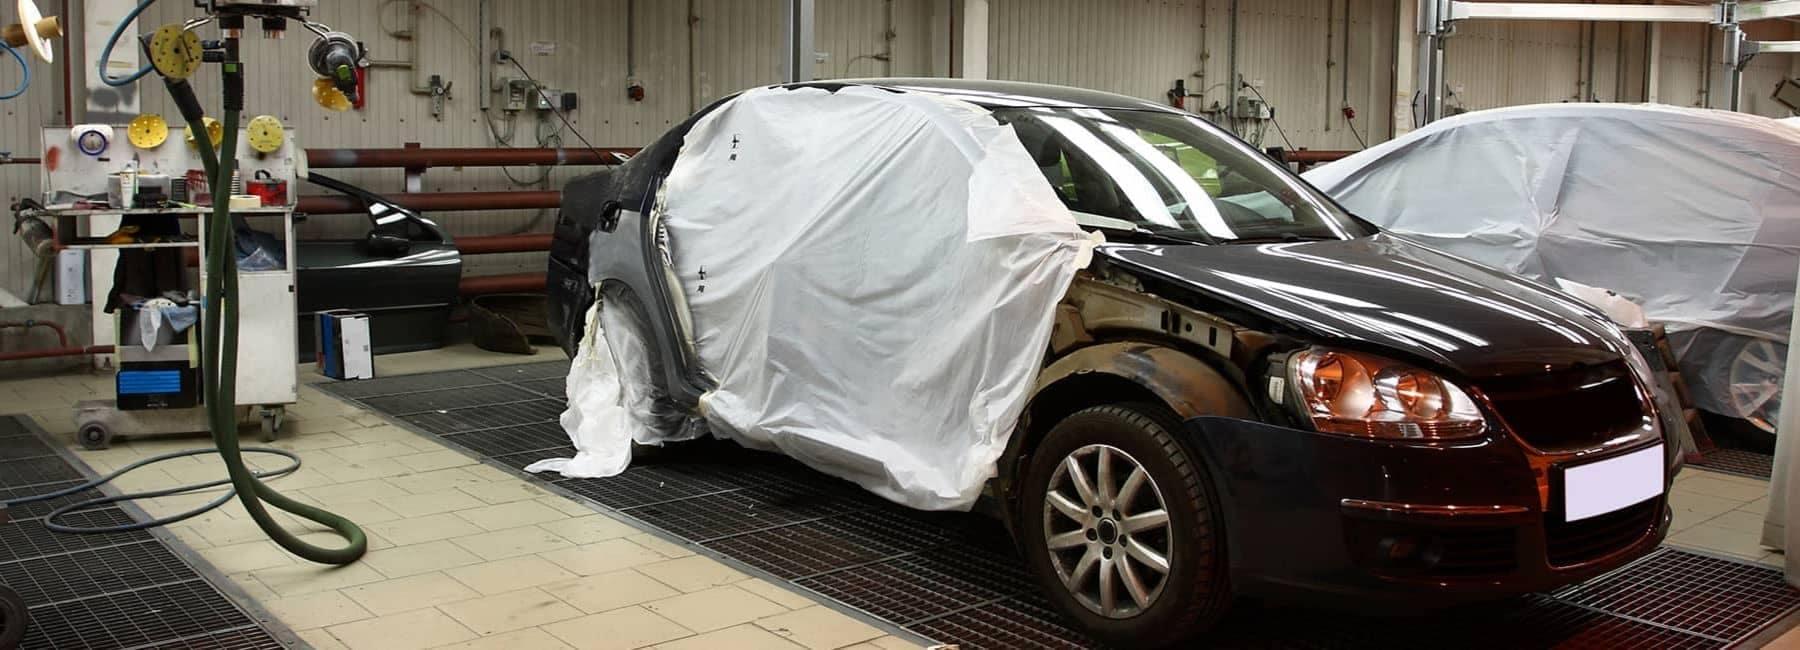 a car in a bodyshop